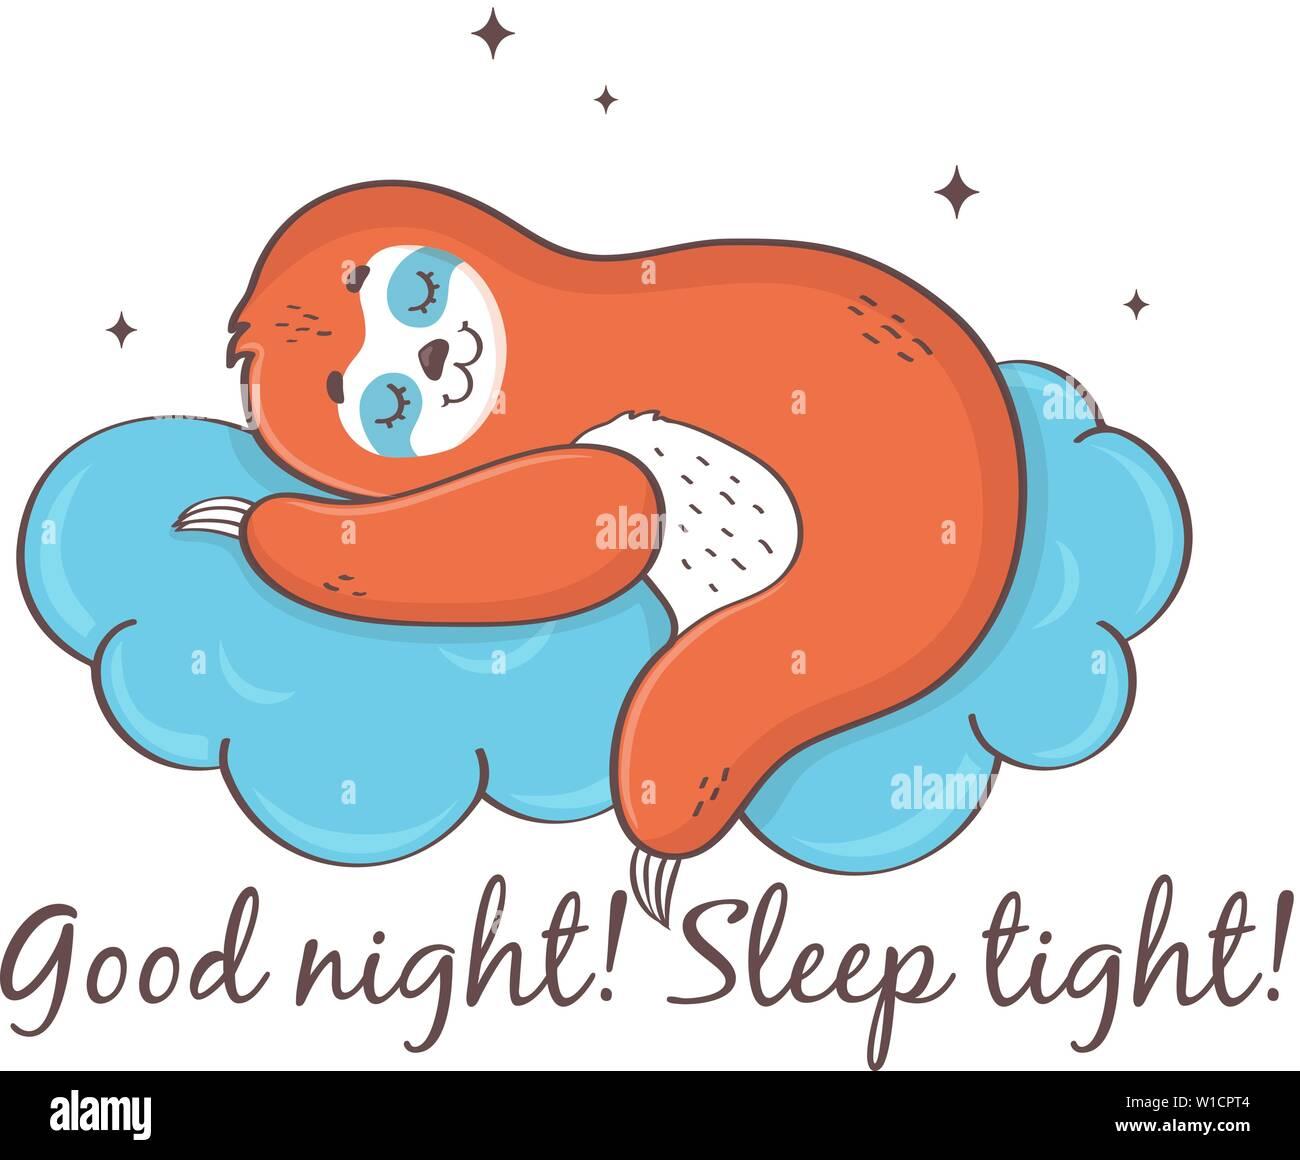 Pereza dormir en una nube. Buenas noches! Duerma bien!! Cute ilustración vectorial aislado sobre fondo blanco. Ilustración del Vector